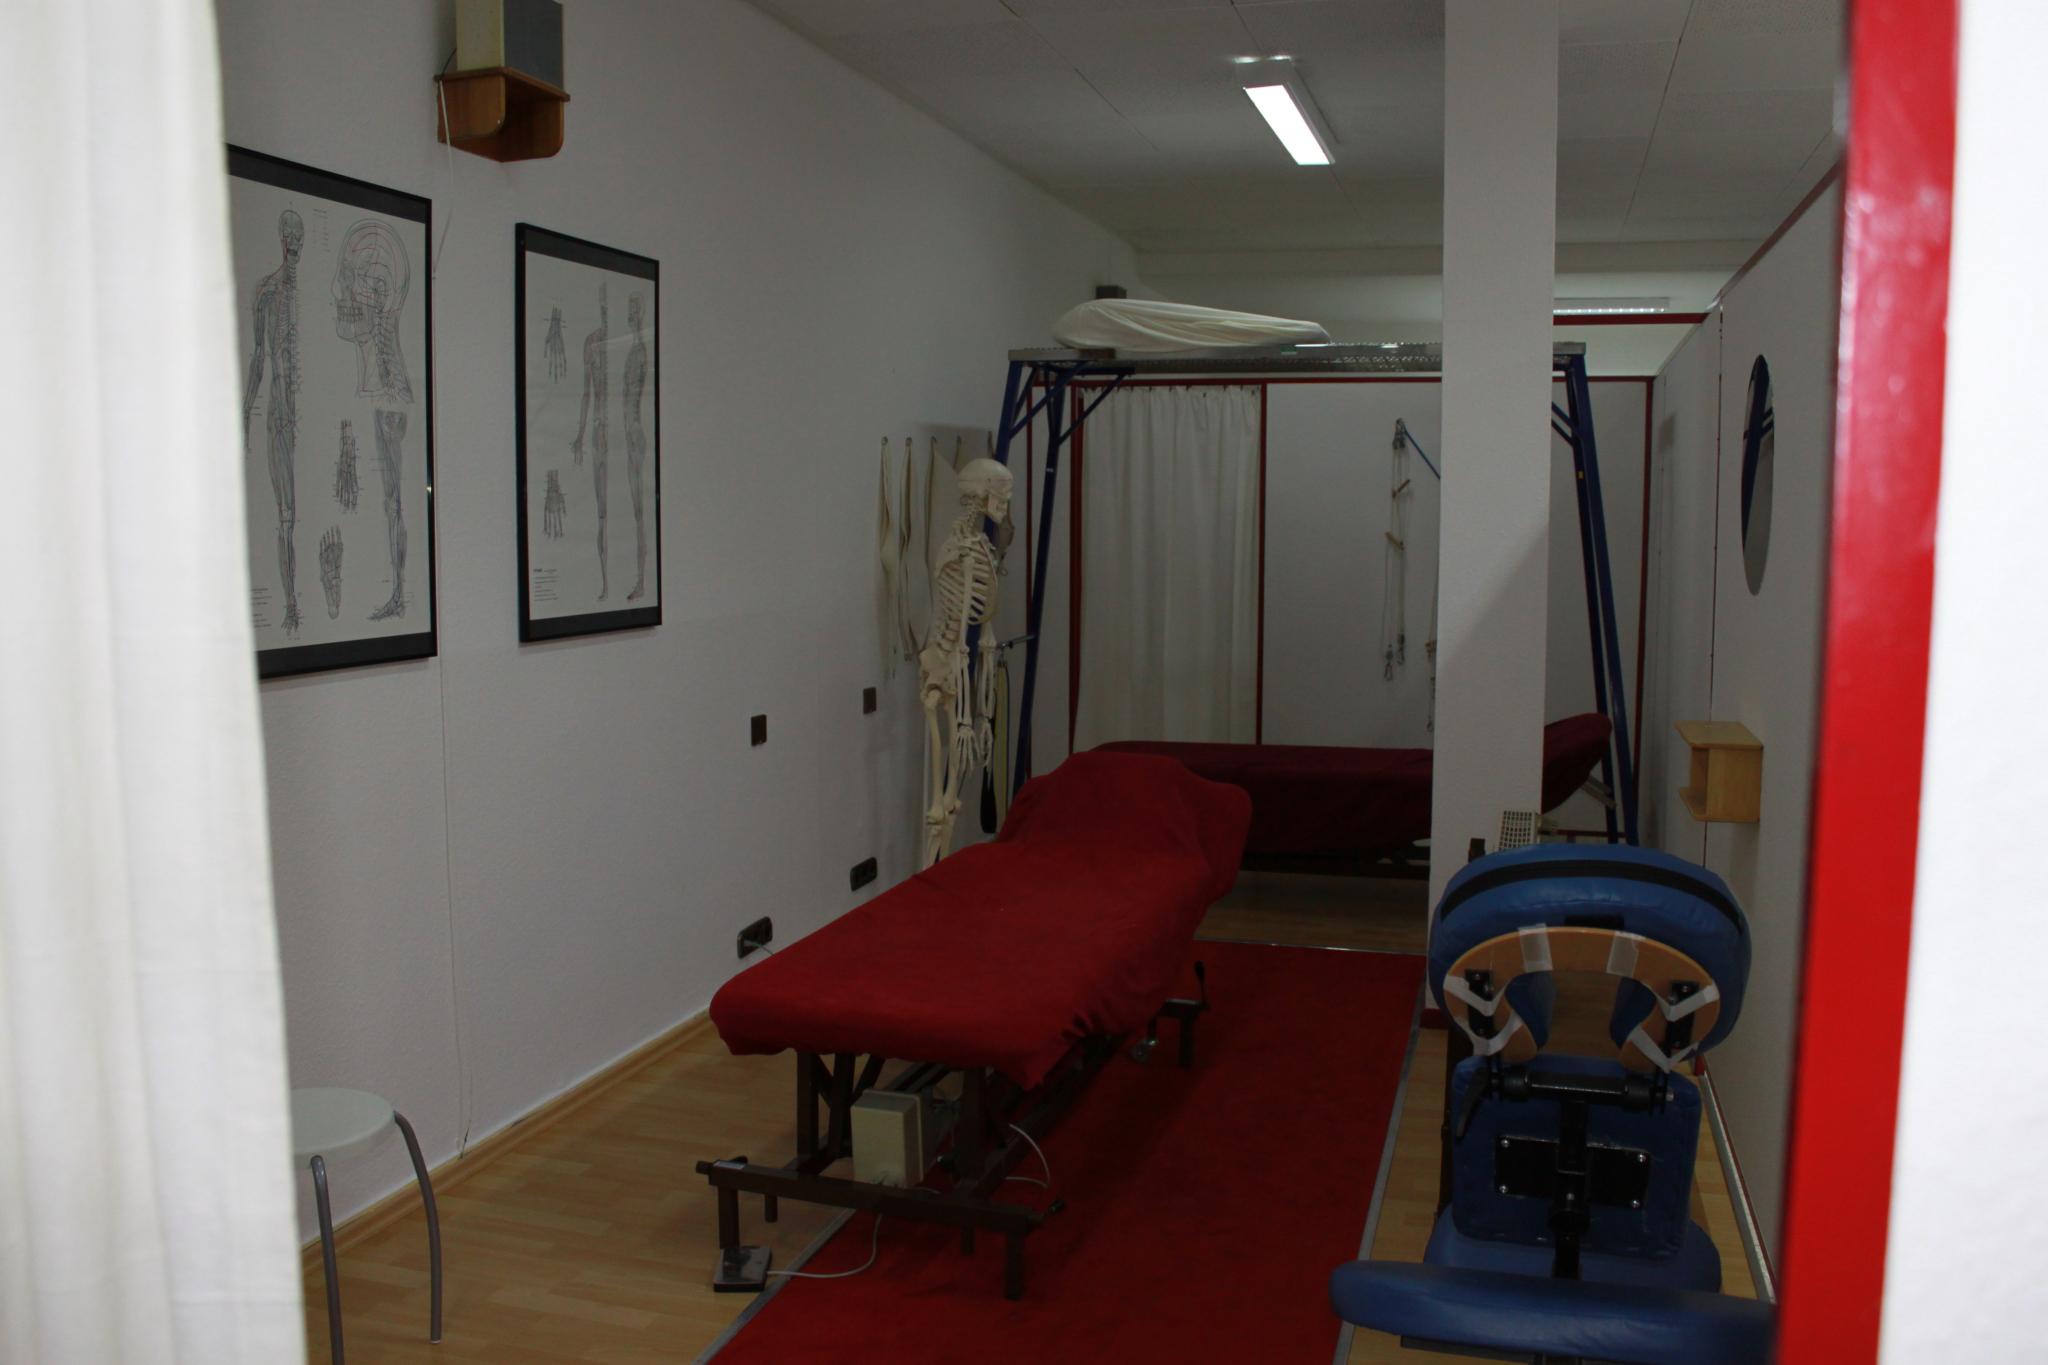 Das Bild zeigt einen Behandlungsraum. Im Zentrum sehen Sie eine Liege mit rotem Stoffbezug. Rechts vorne steht ein blauer Stuhl, auf dem die Therapeuten zur Entlastung bei der Arbeit Platz nehmen können. Links neben der Liege steht in Höhe des Kopfteils ein Vollkörpersketett. An der Wand hängen zwei schematische Abbildungen, die Muskel- und Nervengewebe und Blutkreislauf des menschlichen Gesamtkörpers und Körperteile wie Füße und Hände oder Kopf darstellen. In hinteren Bereich steht ein sogenannter Schlingentisch.